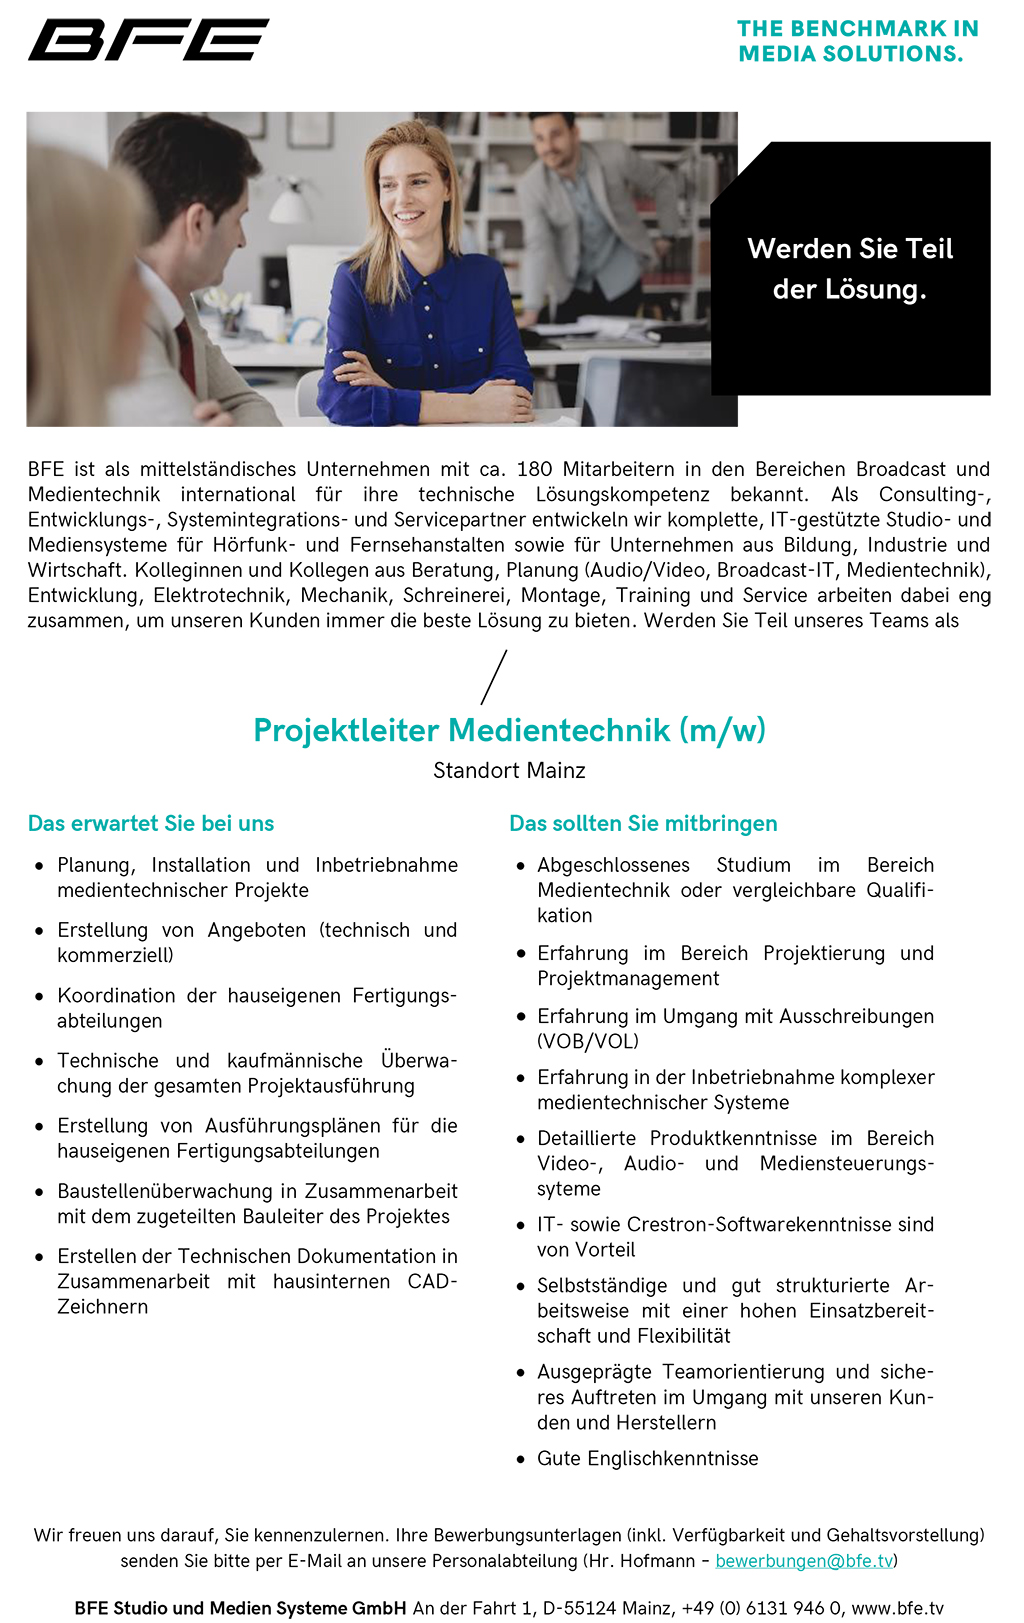 BFE Stellenanzeige: Projektleiter Medientechnik